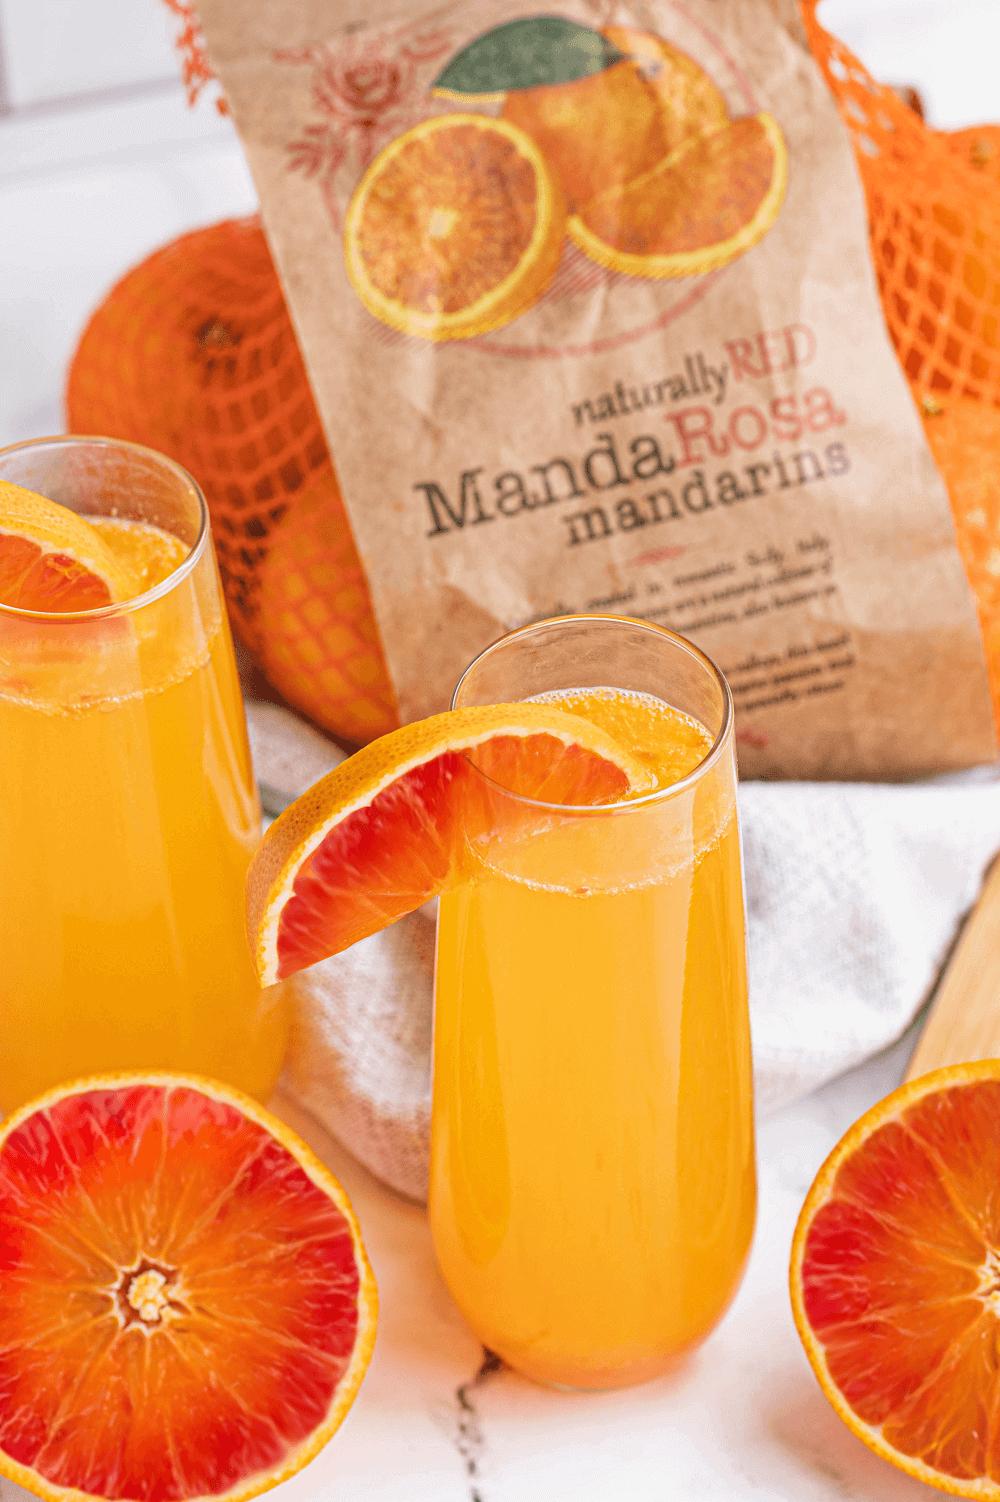 MandaRosa Mandarin Mimosa